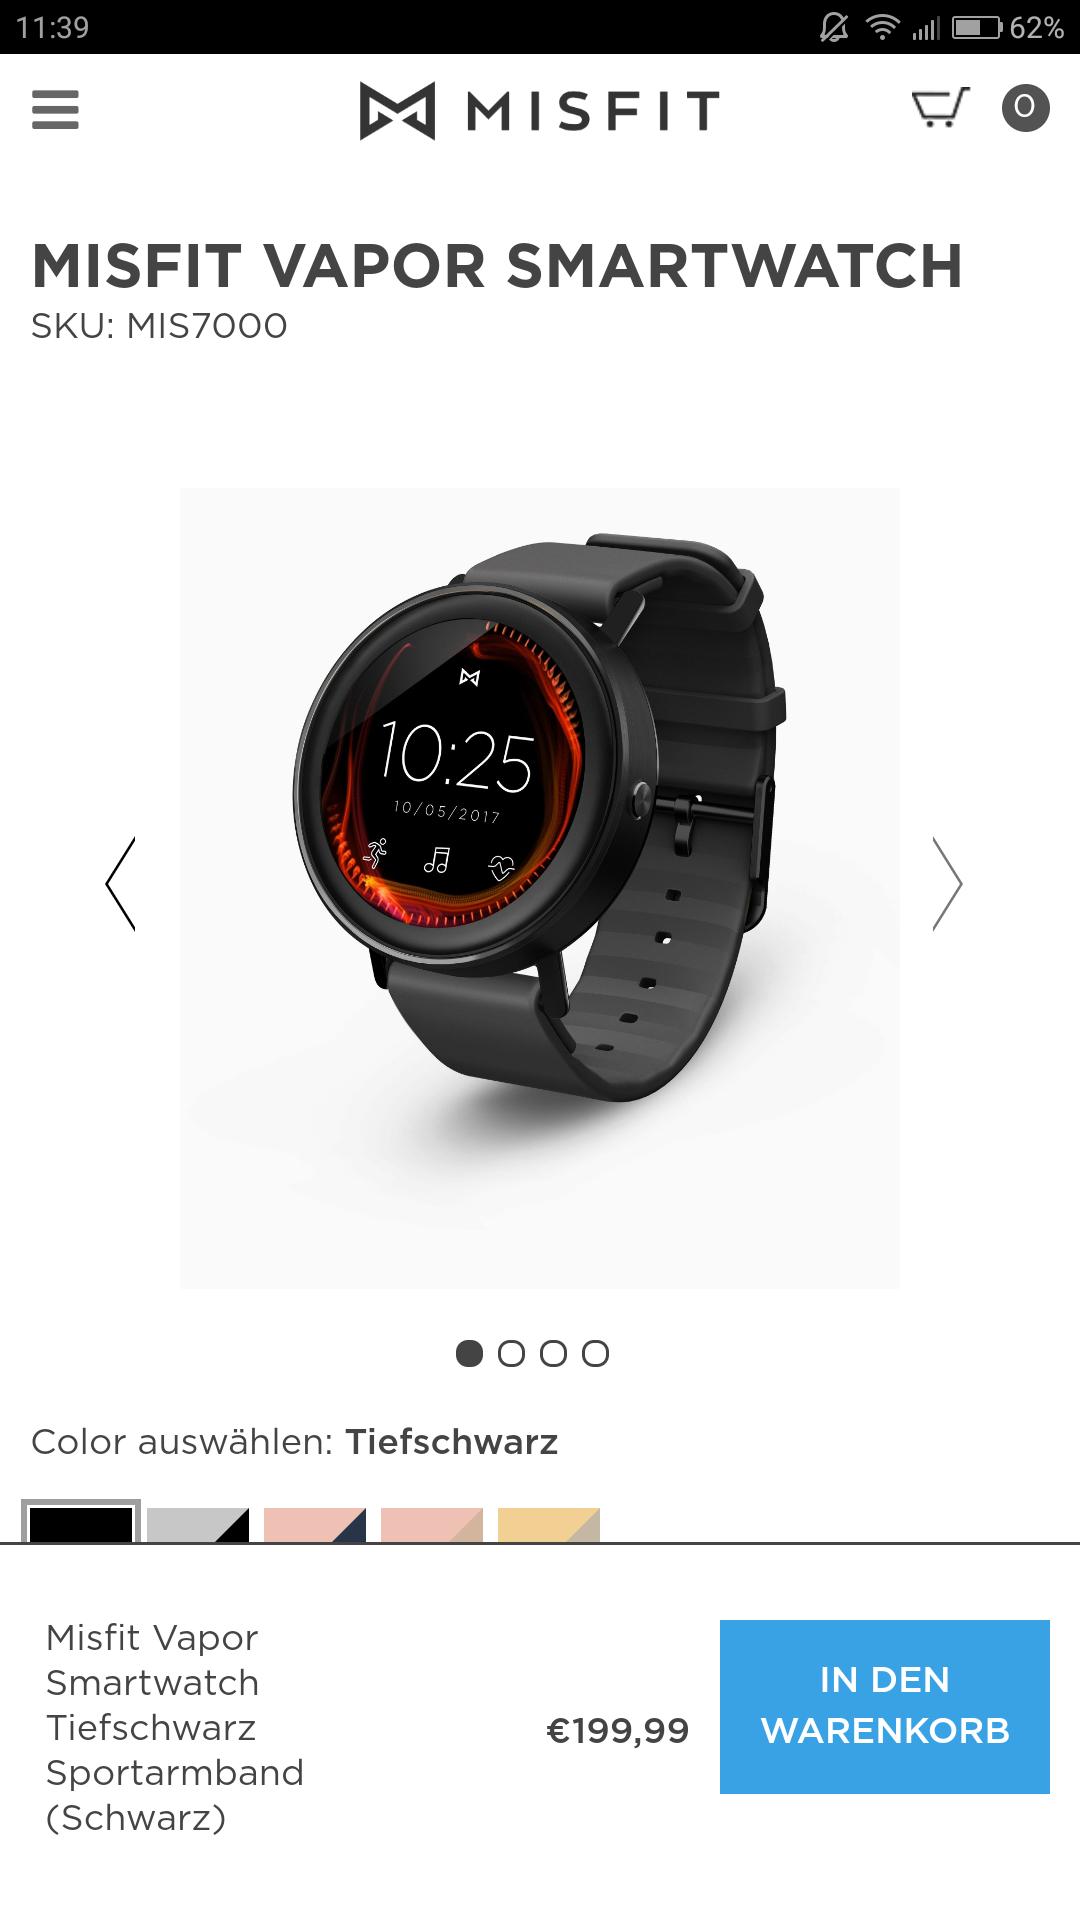 Misfit Vapor Smartwatch mit GPS, HF-Messer und internem speicher für Musikwiedergabe ohne Smartphone